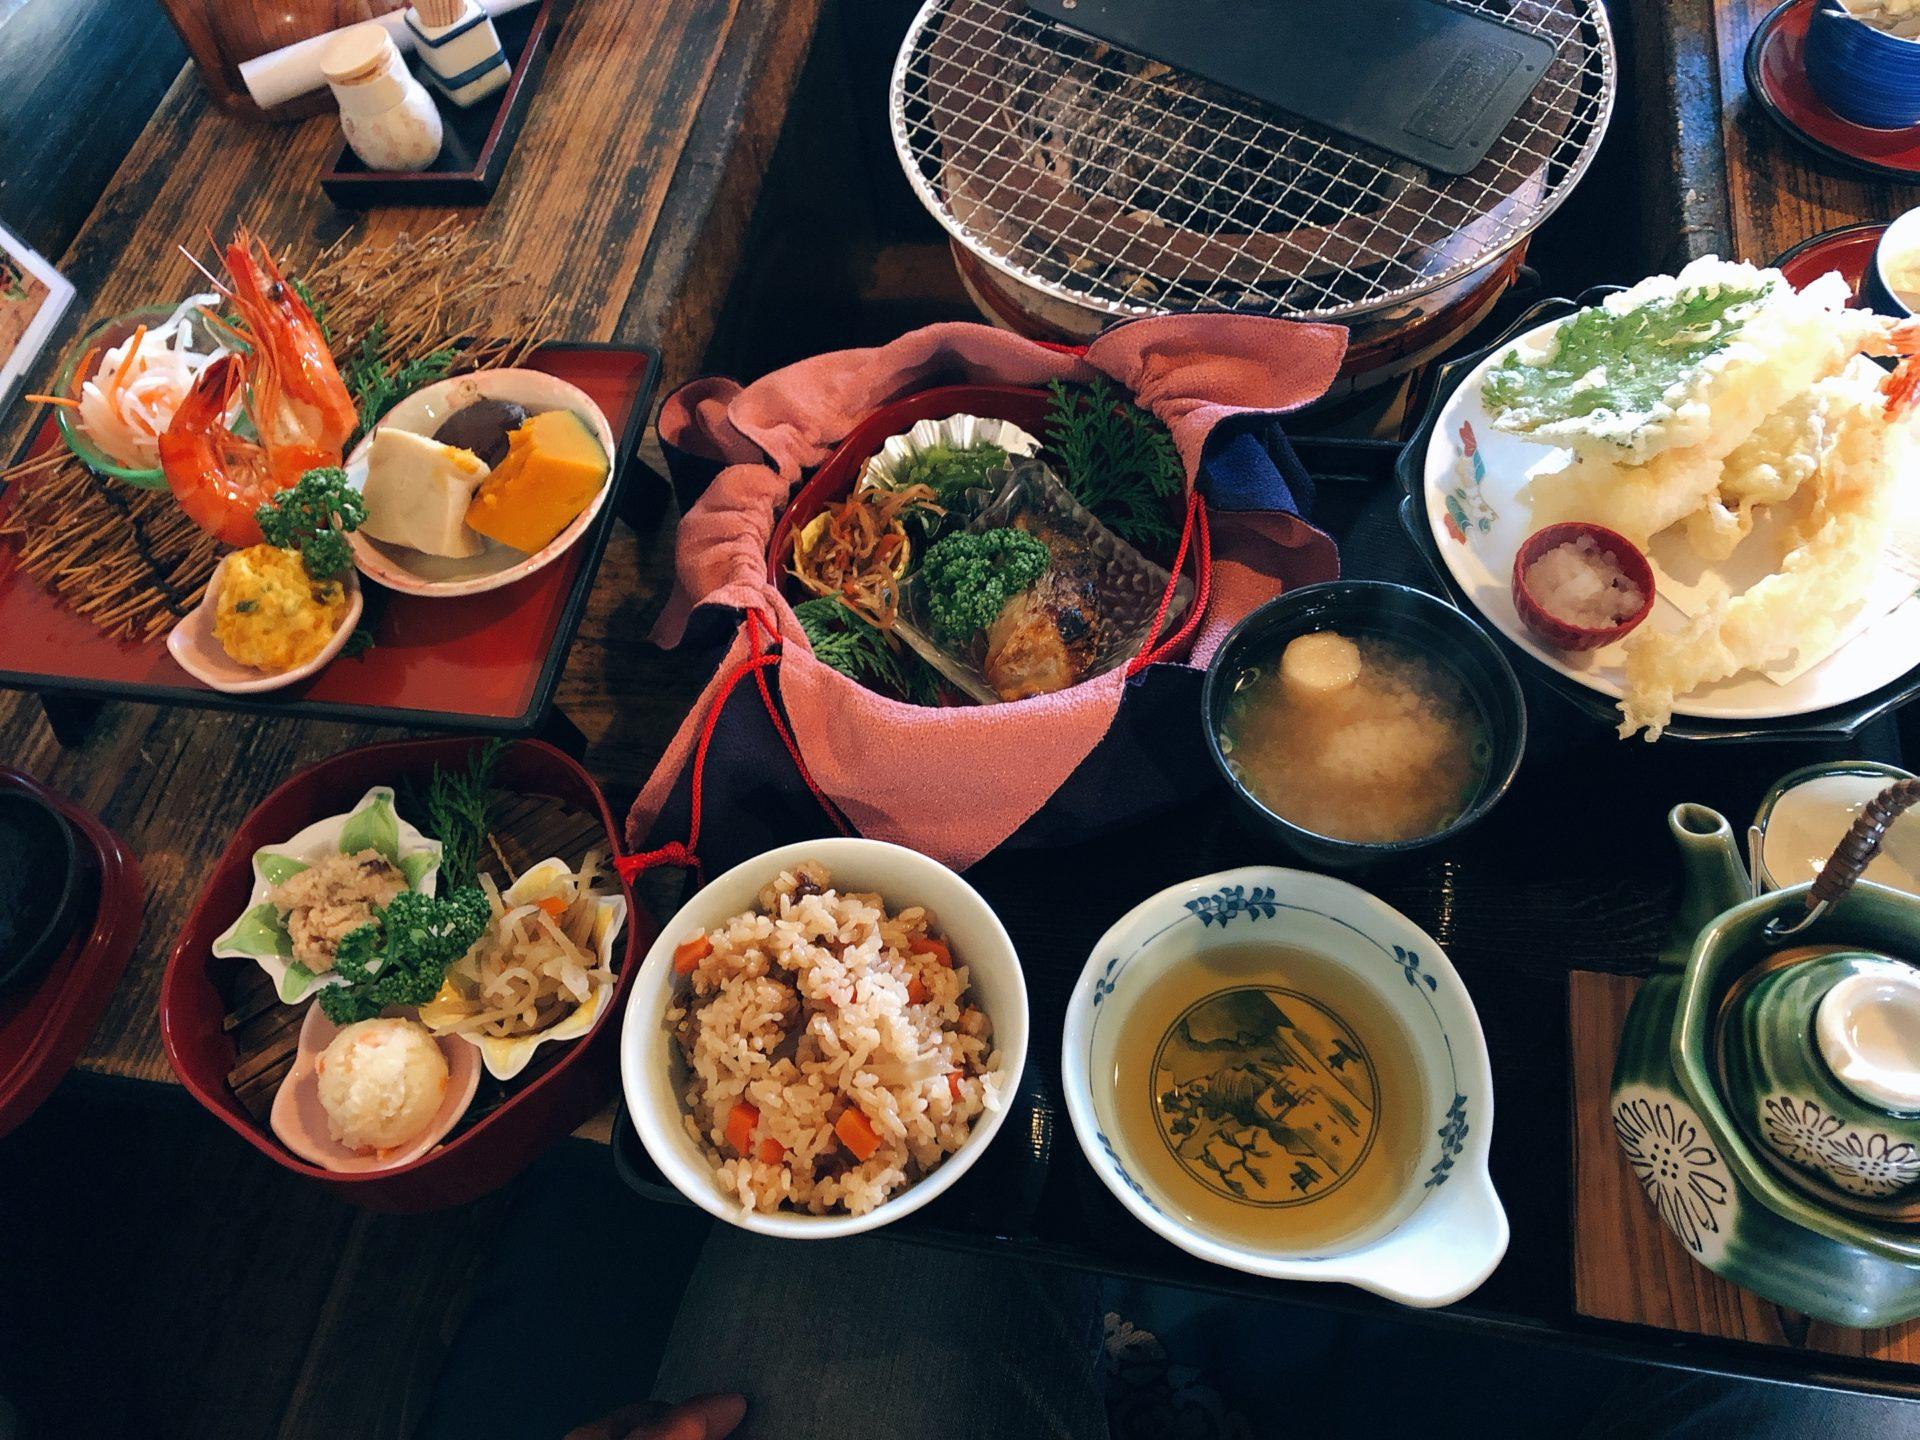 岡電清輝橋駅近く いろり茶屋 萬久(まんきゅう)は和定食が人気で天ぷらサクサク!趣ある古民家風の店の造りも要チェック!